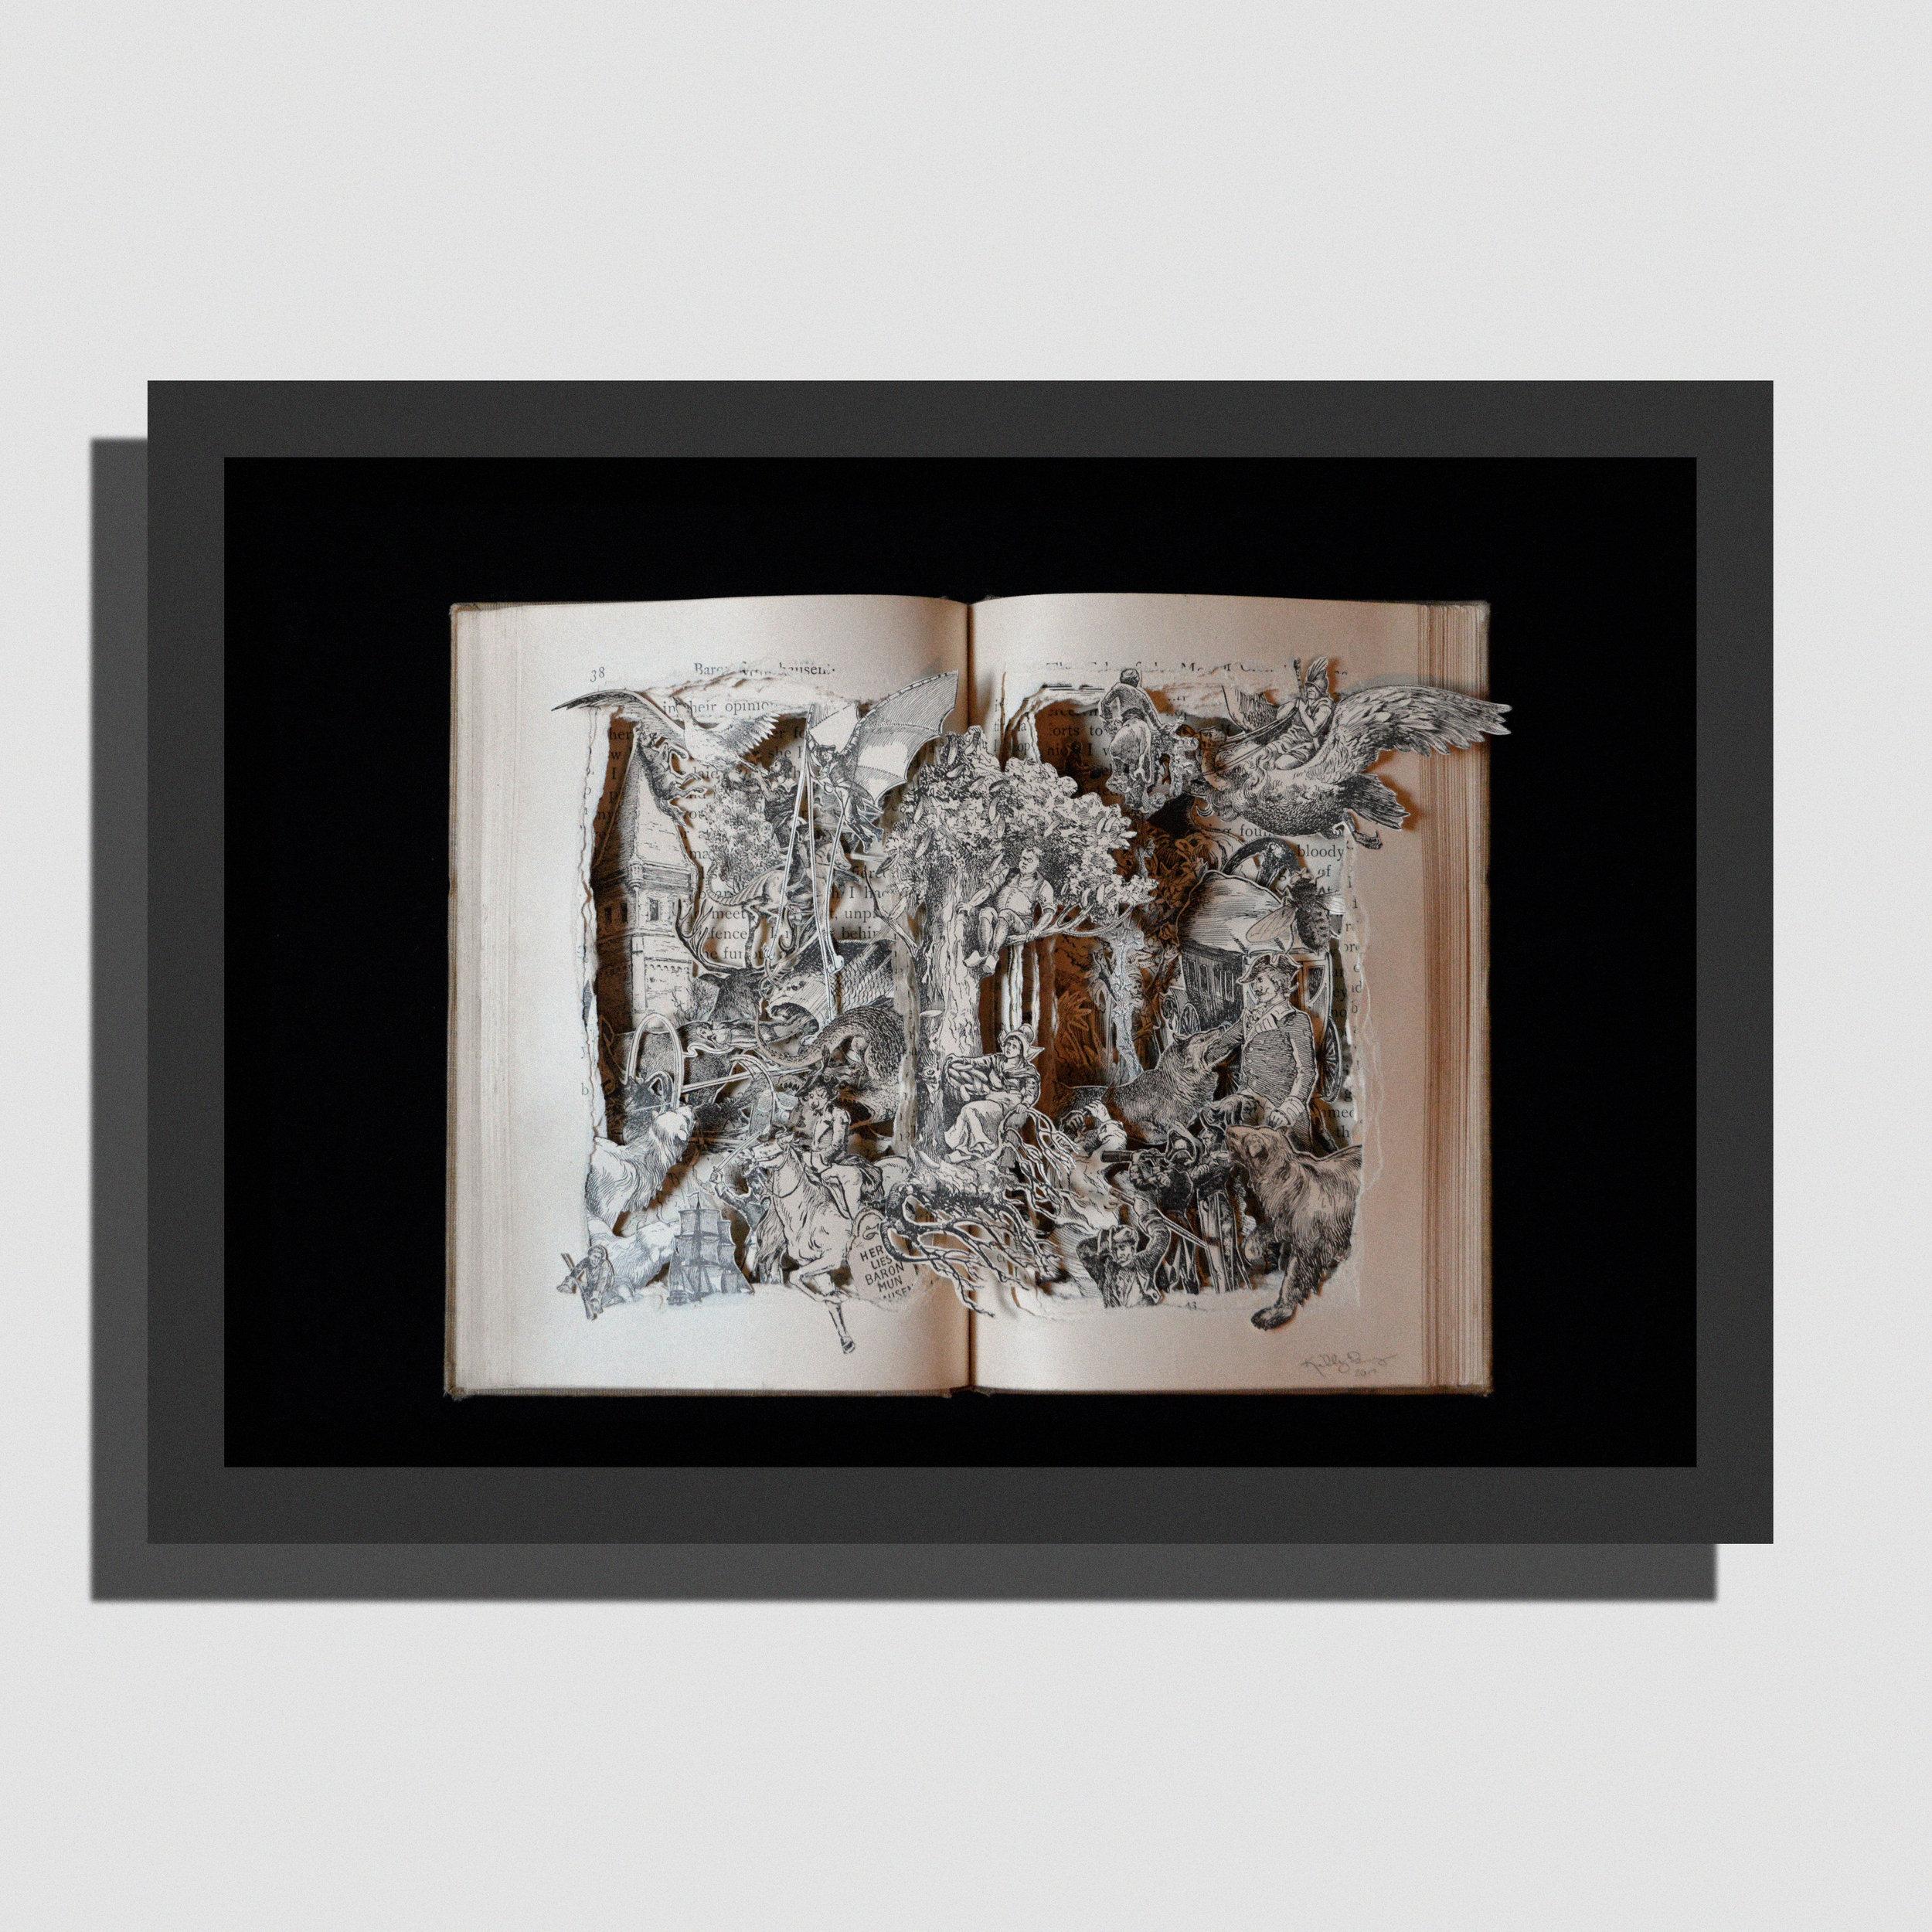 Adventures of Baron Von Munchausen Illustrations by Gustave Dore'